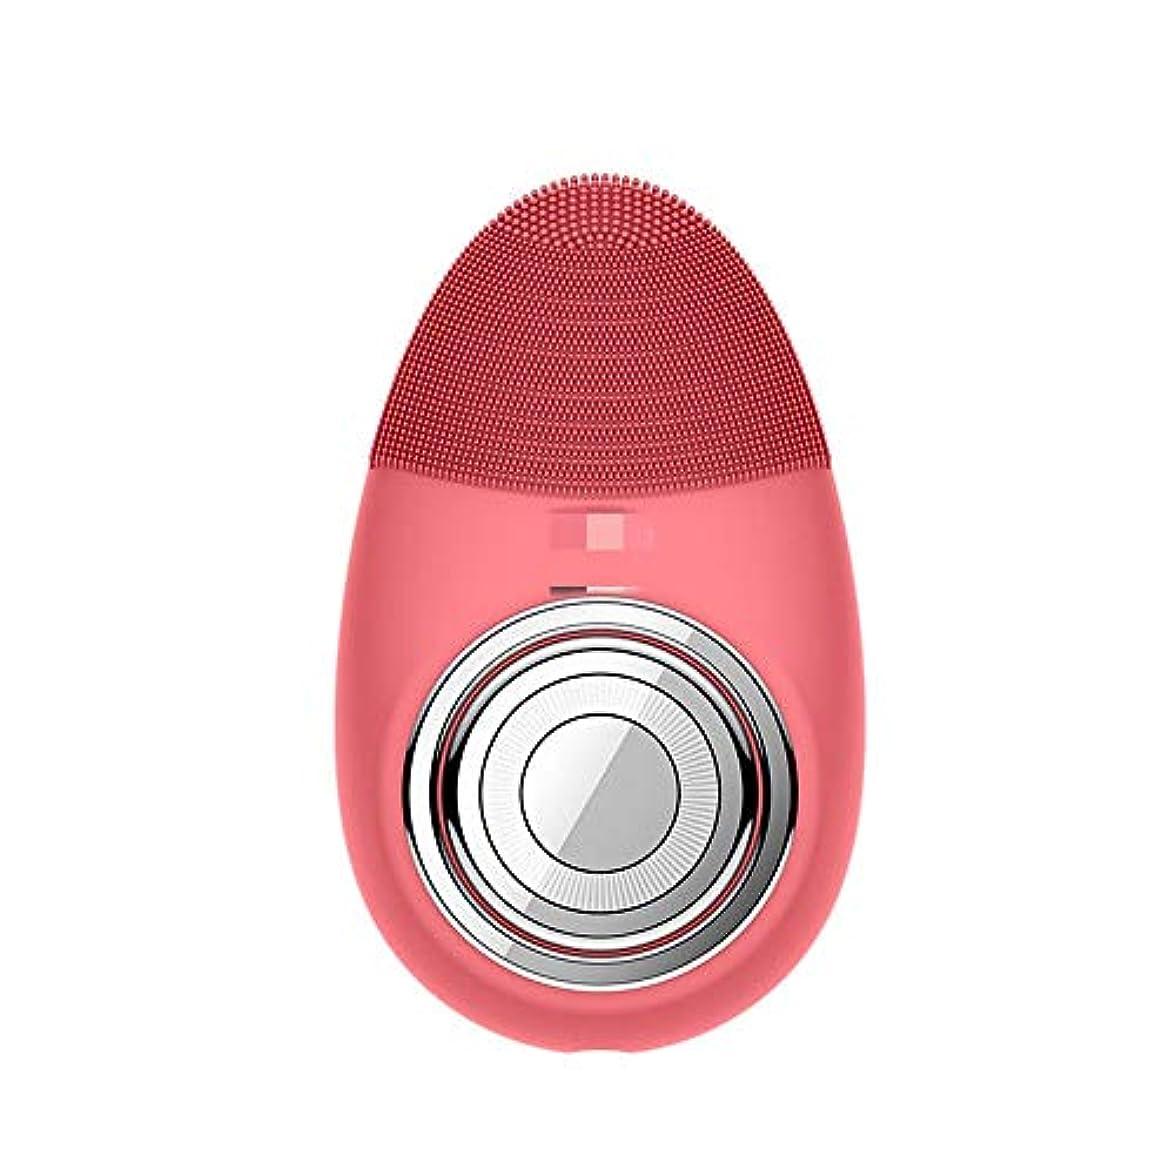 スポークスマンフェッチ検索エンジン最適化Chaopeng 多機能電気恒温シリコーンクレンジング楽器赤灯肌清潔毛穴クリーナー輸入機器美容機器 (Color : Red)